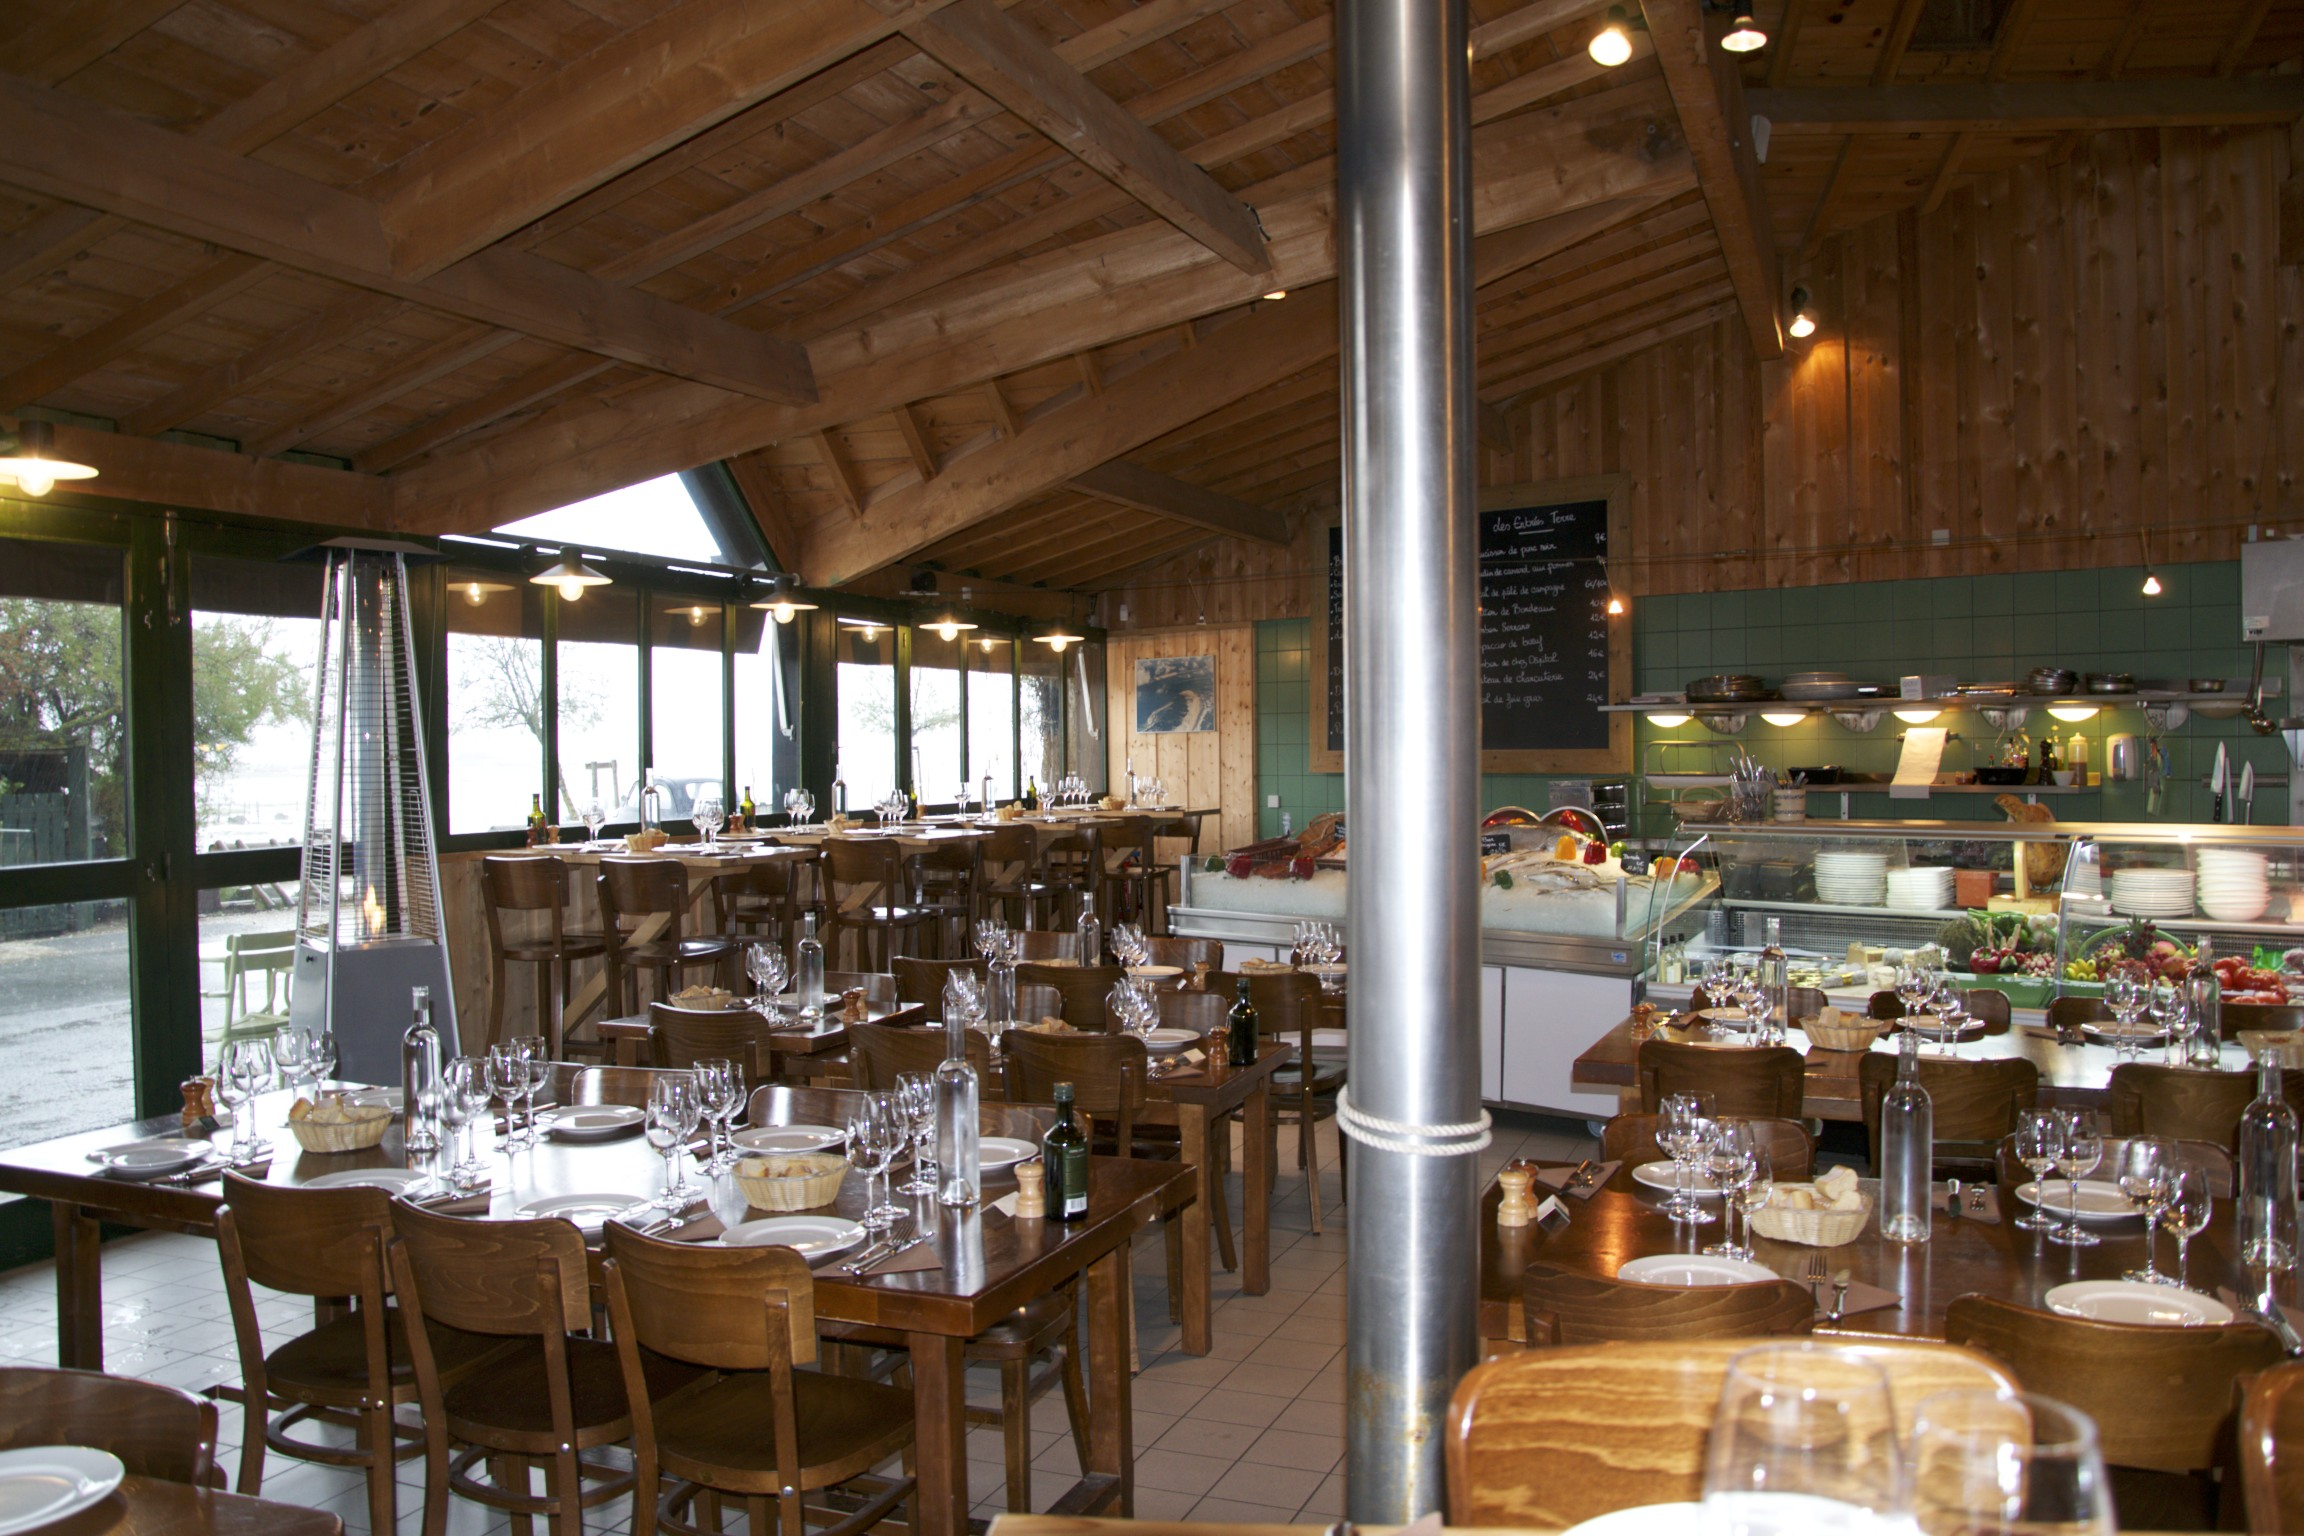 Le bouchon du ferret en novembre le cap ferret de sophie juby - Restaurant au cap ferret ...